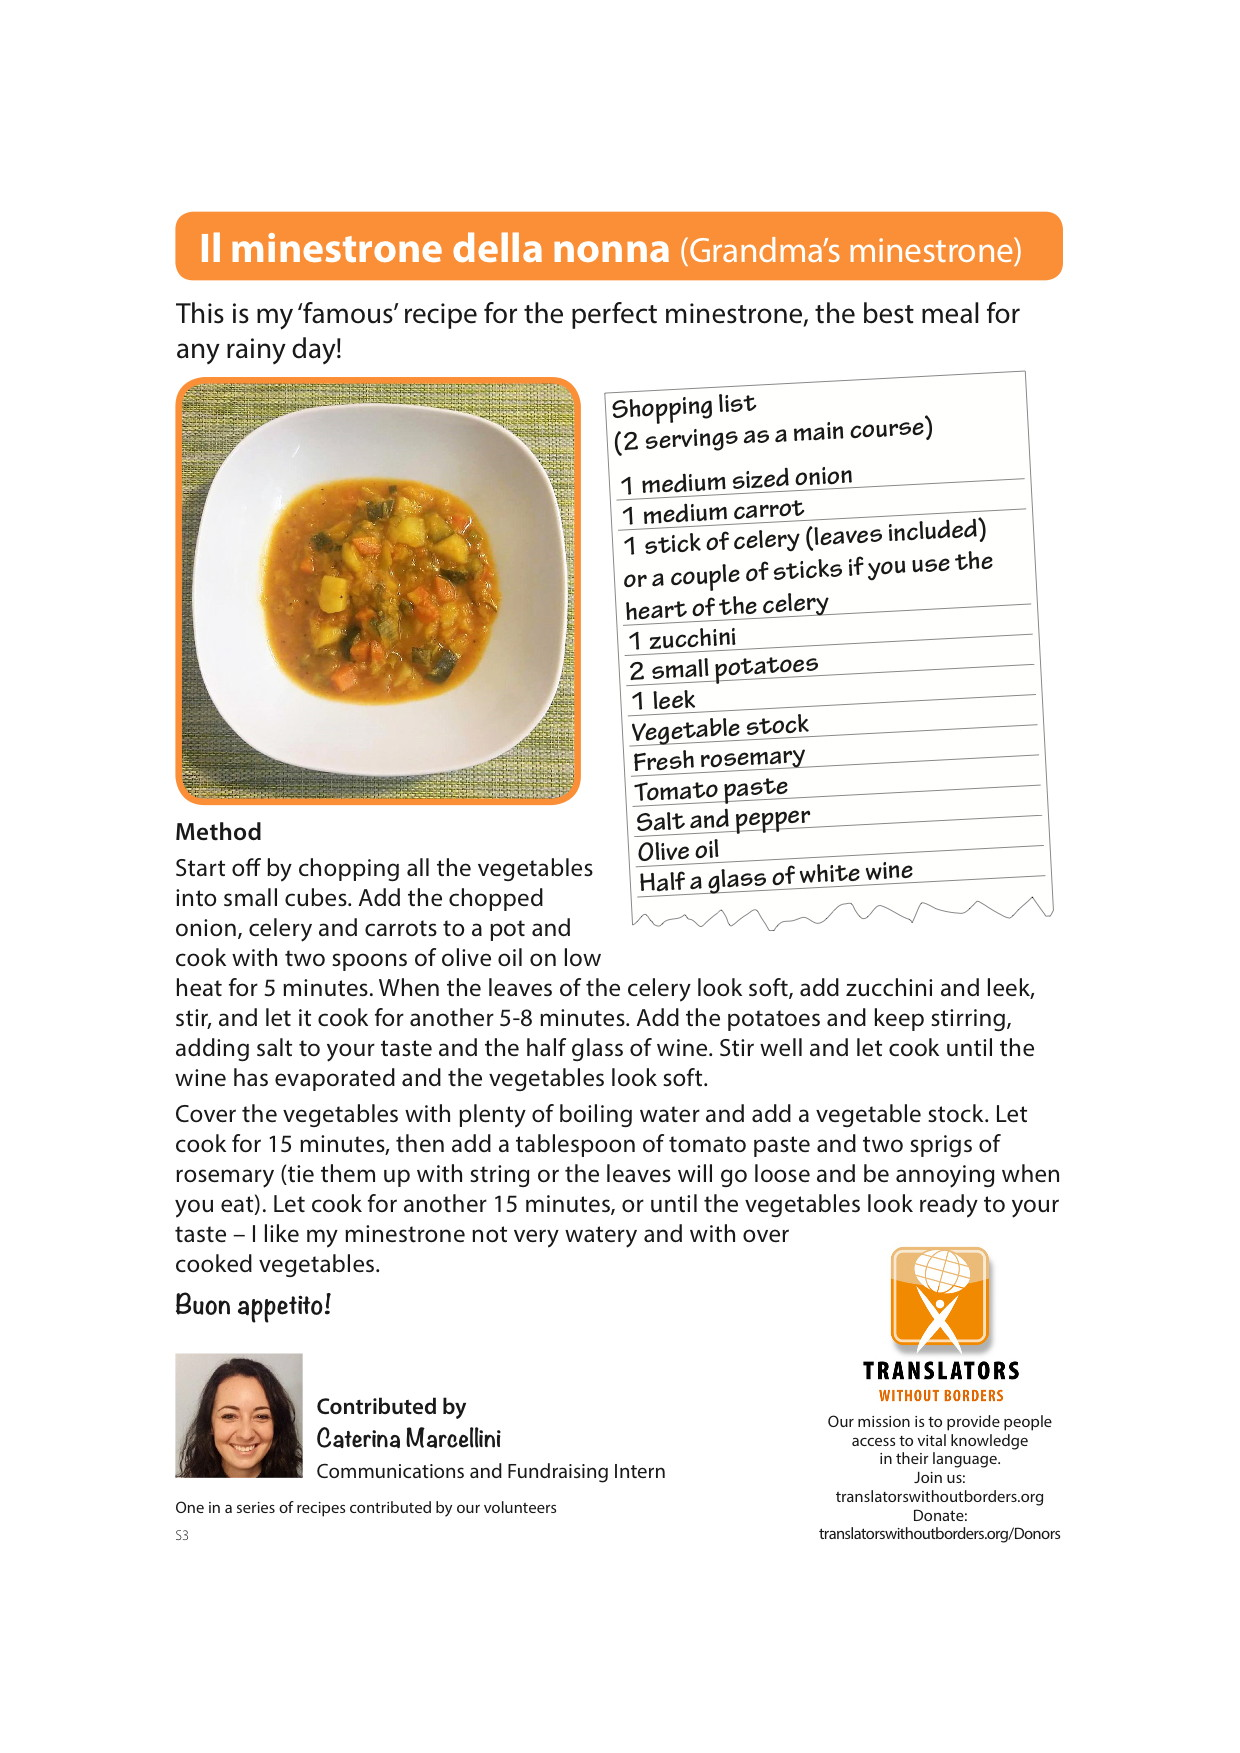 Il minestrone della nonna grandmas minestrone translators download pdf forumfinder Images